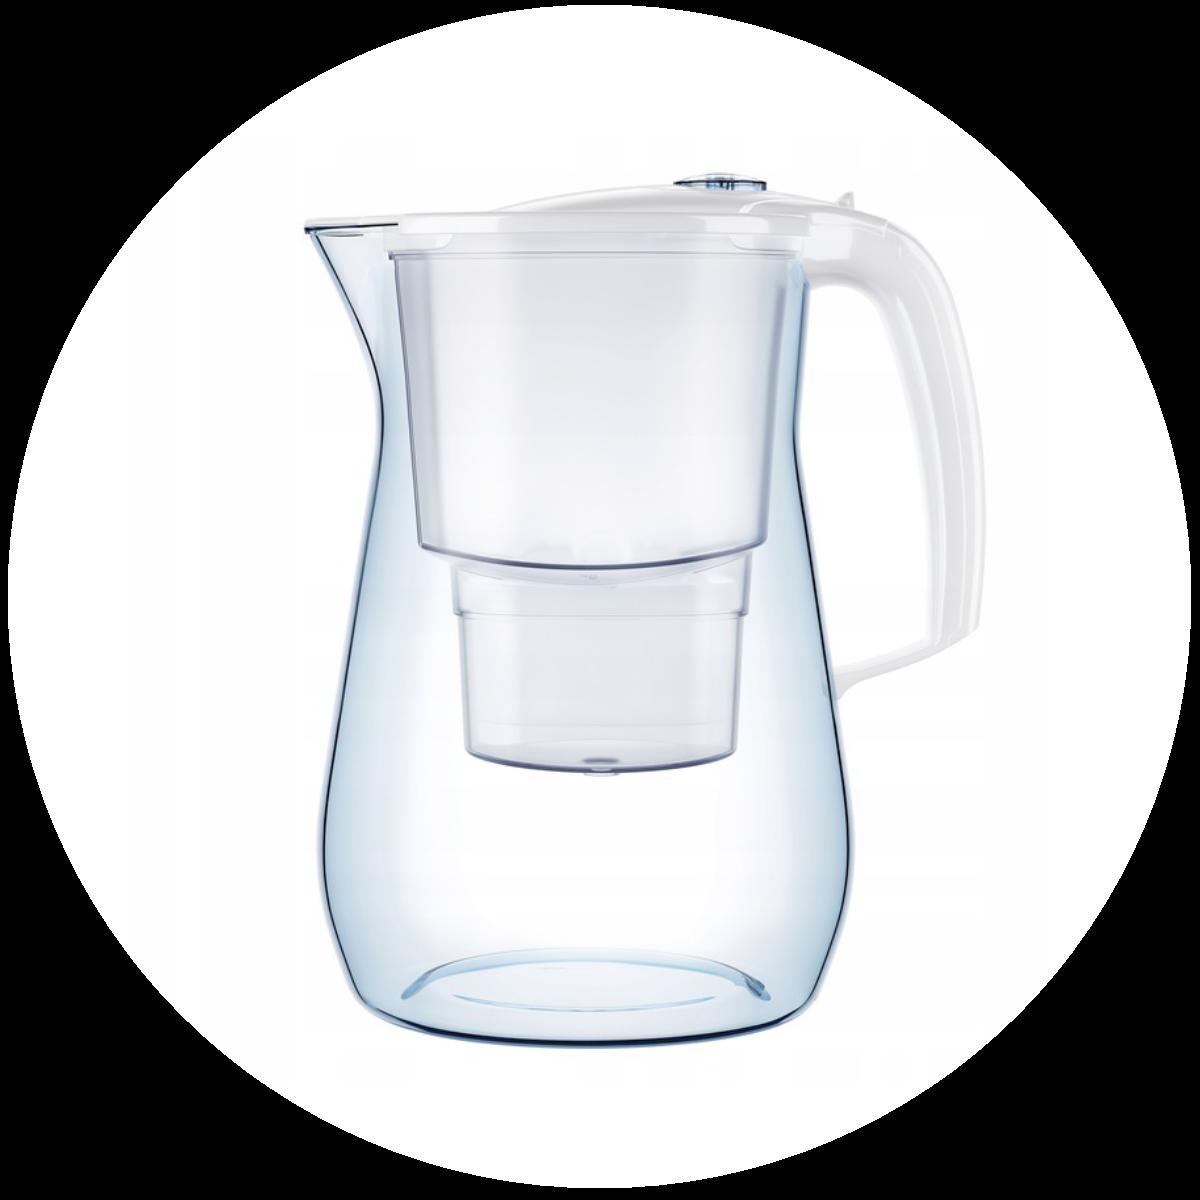 Aquaphor Onyx (biały) dzbanek filtrujący - zmywarka